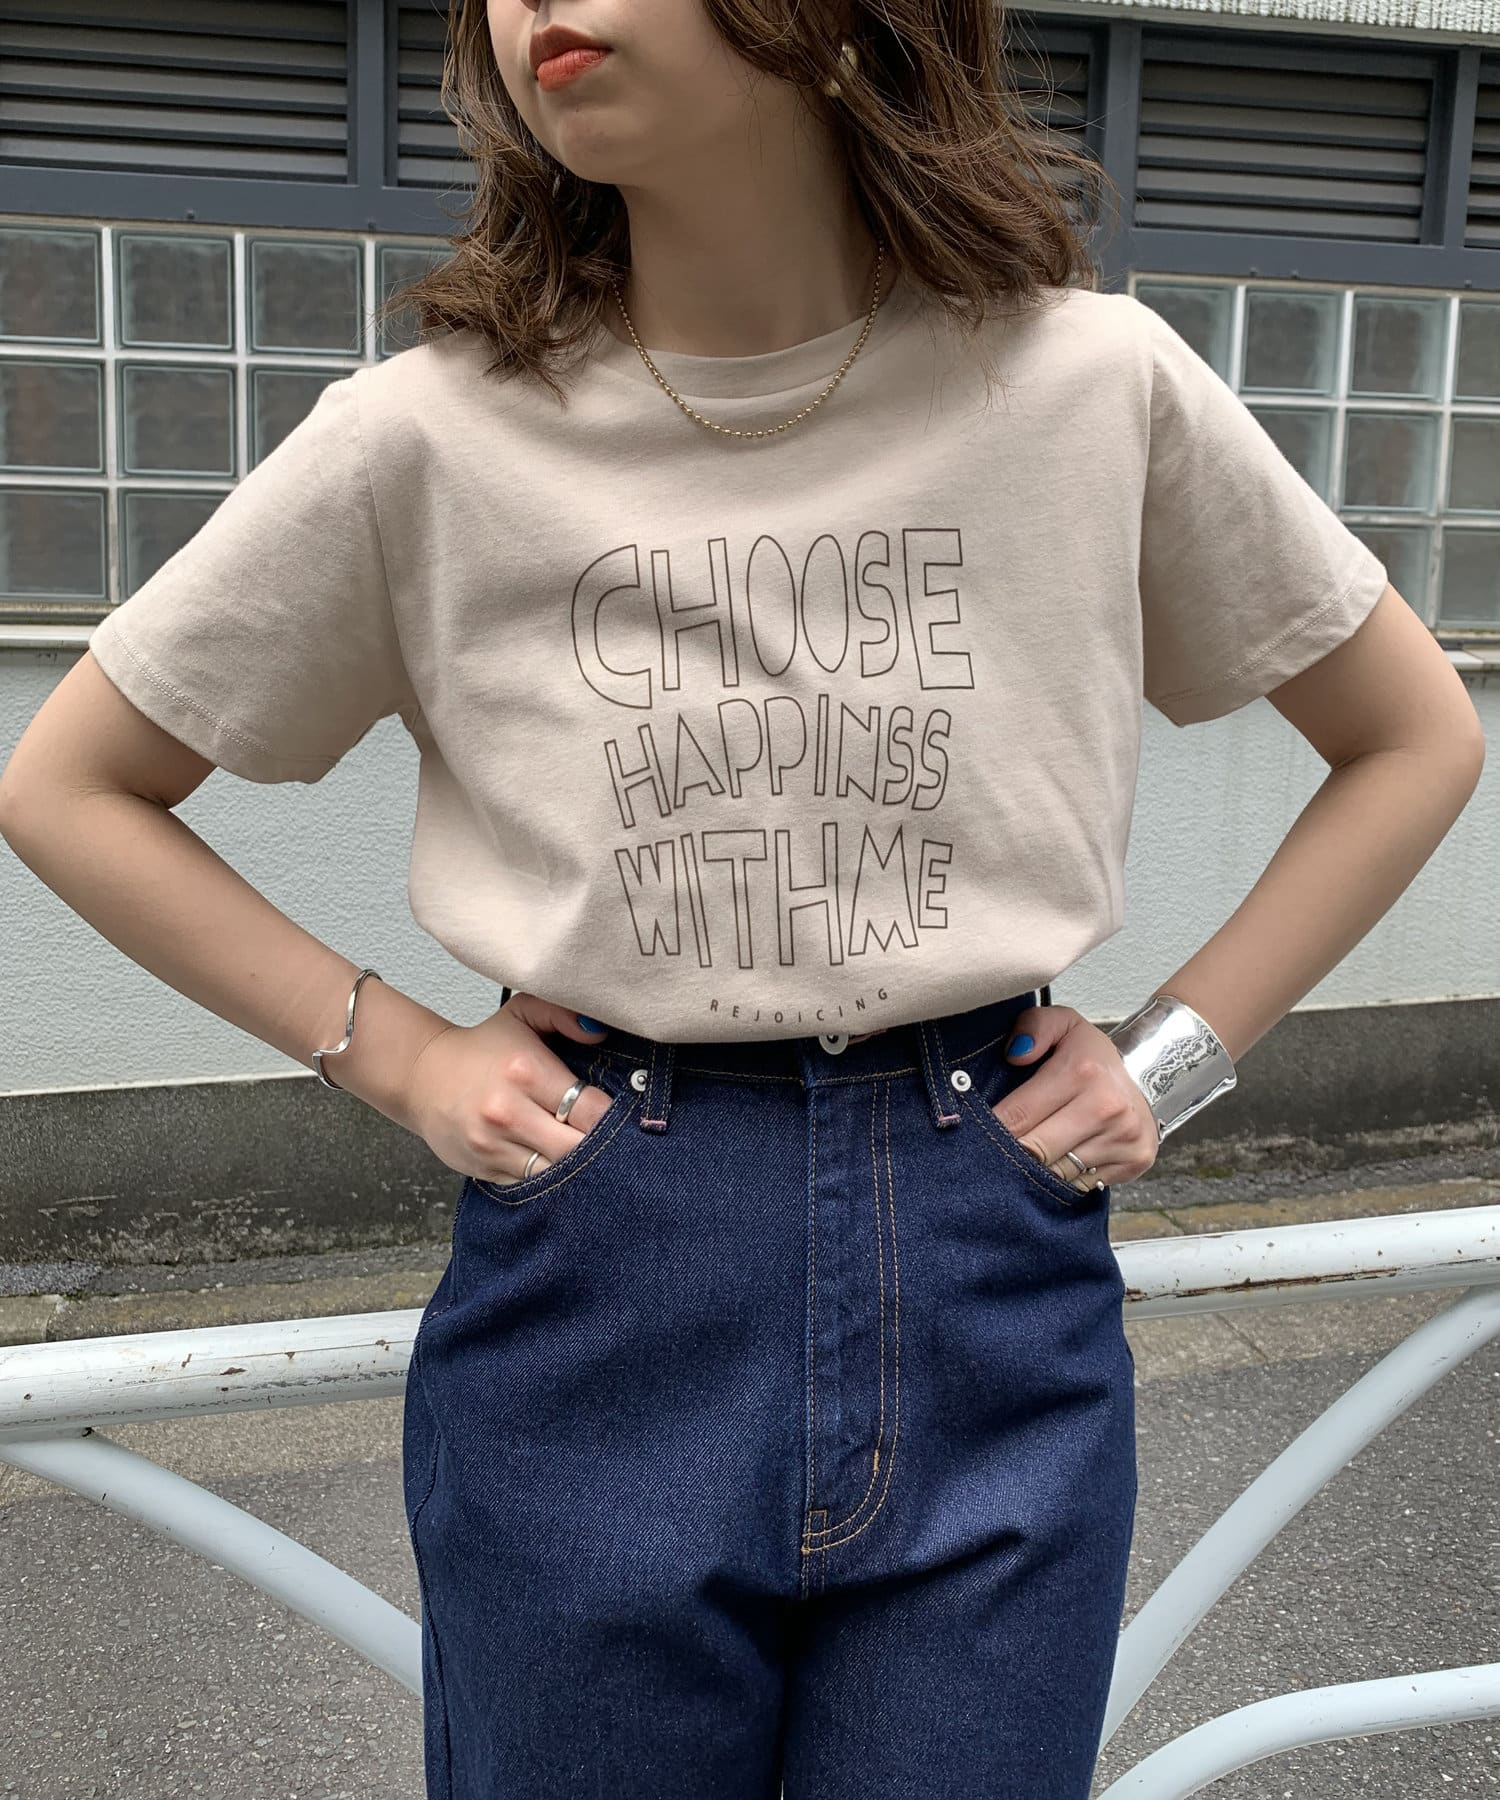 natural couture(ナチュラルクチュール) 【WEB限定】ポップなクレイジーロゴT